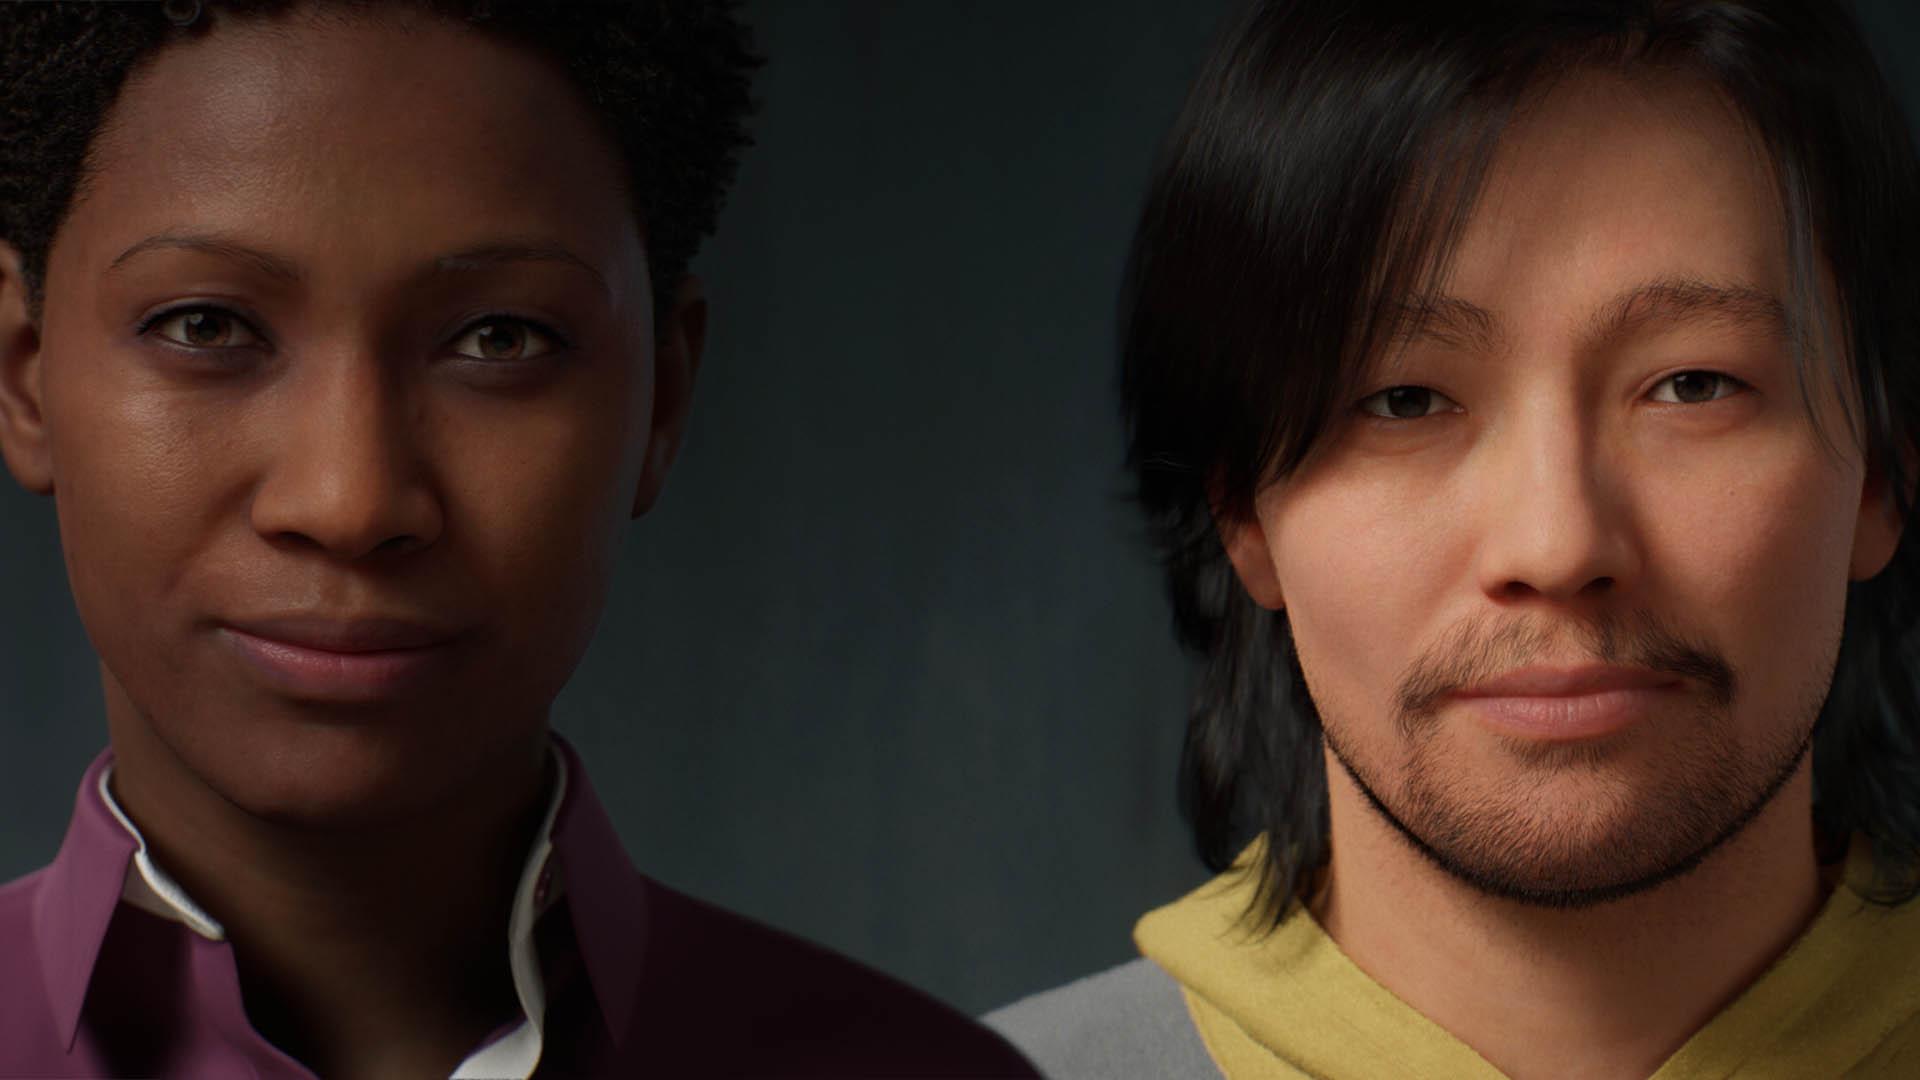 MetaHuman Creator — инструмент на Unreal Engine, позволяющий создавать очень реалистичные лица людей - Wylsa.com